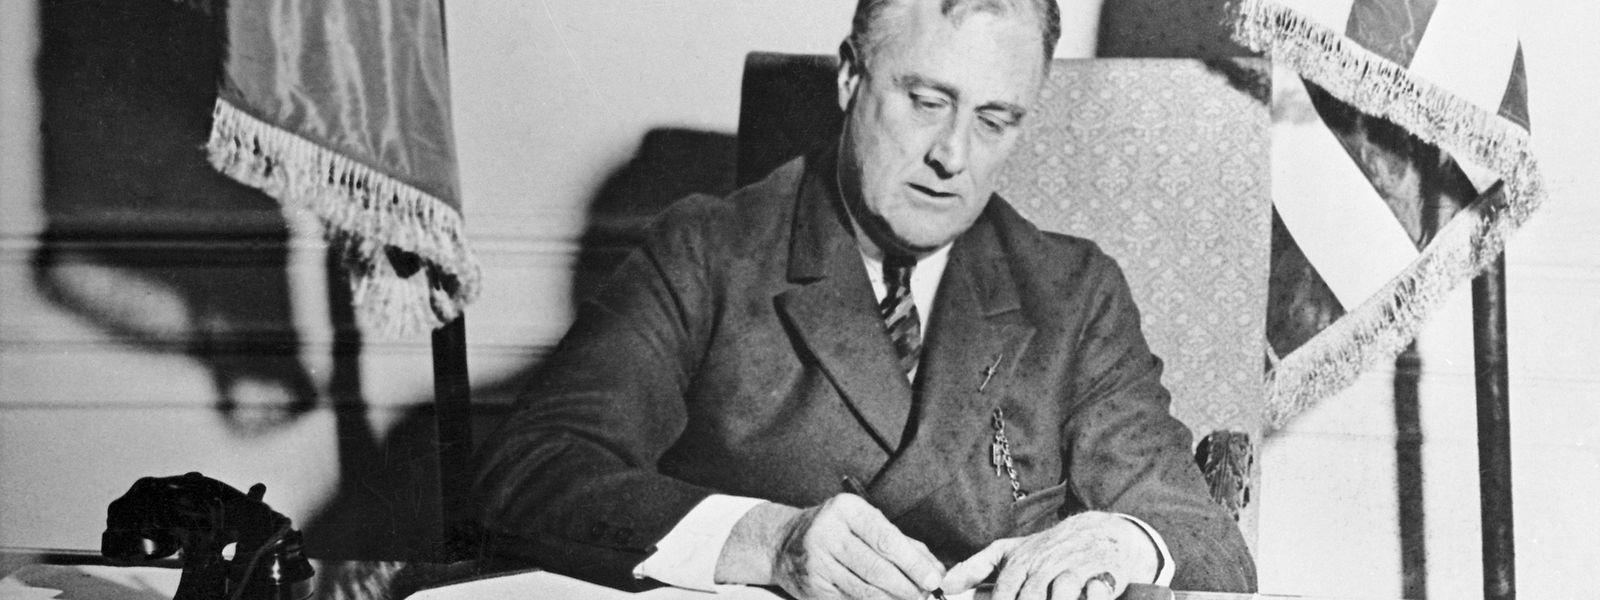 """Franklin D. Roosevelt hat seinem """"New Deal"""" auch einen kulturelle Komponente gegeben. Wir sollten es nach der Pandemie, wenn das Leben wieder angekurbelt wird, nicht vergessen."""